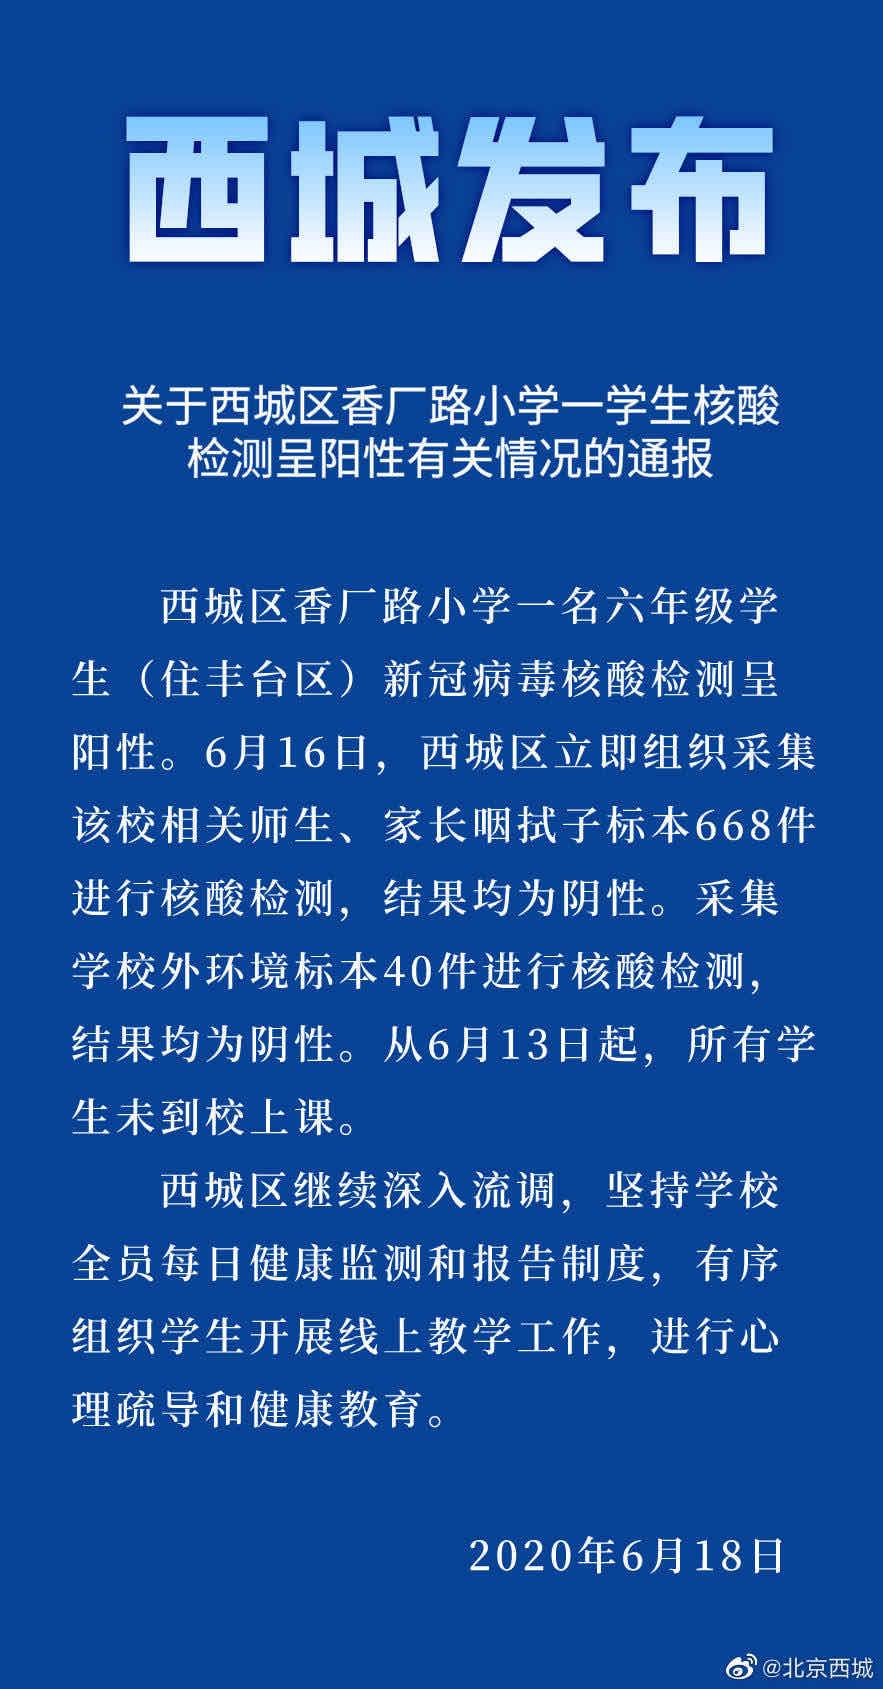 最新!吳尊友:北京疫情已經控制住了...